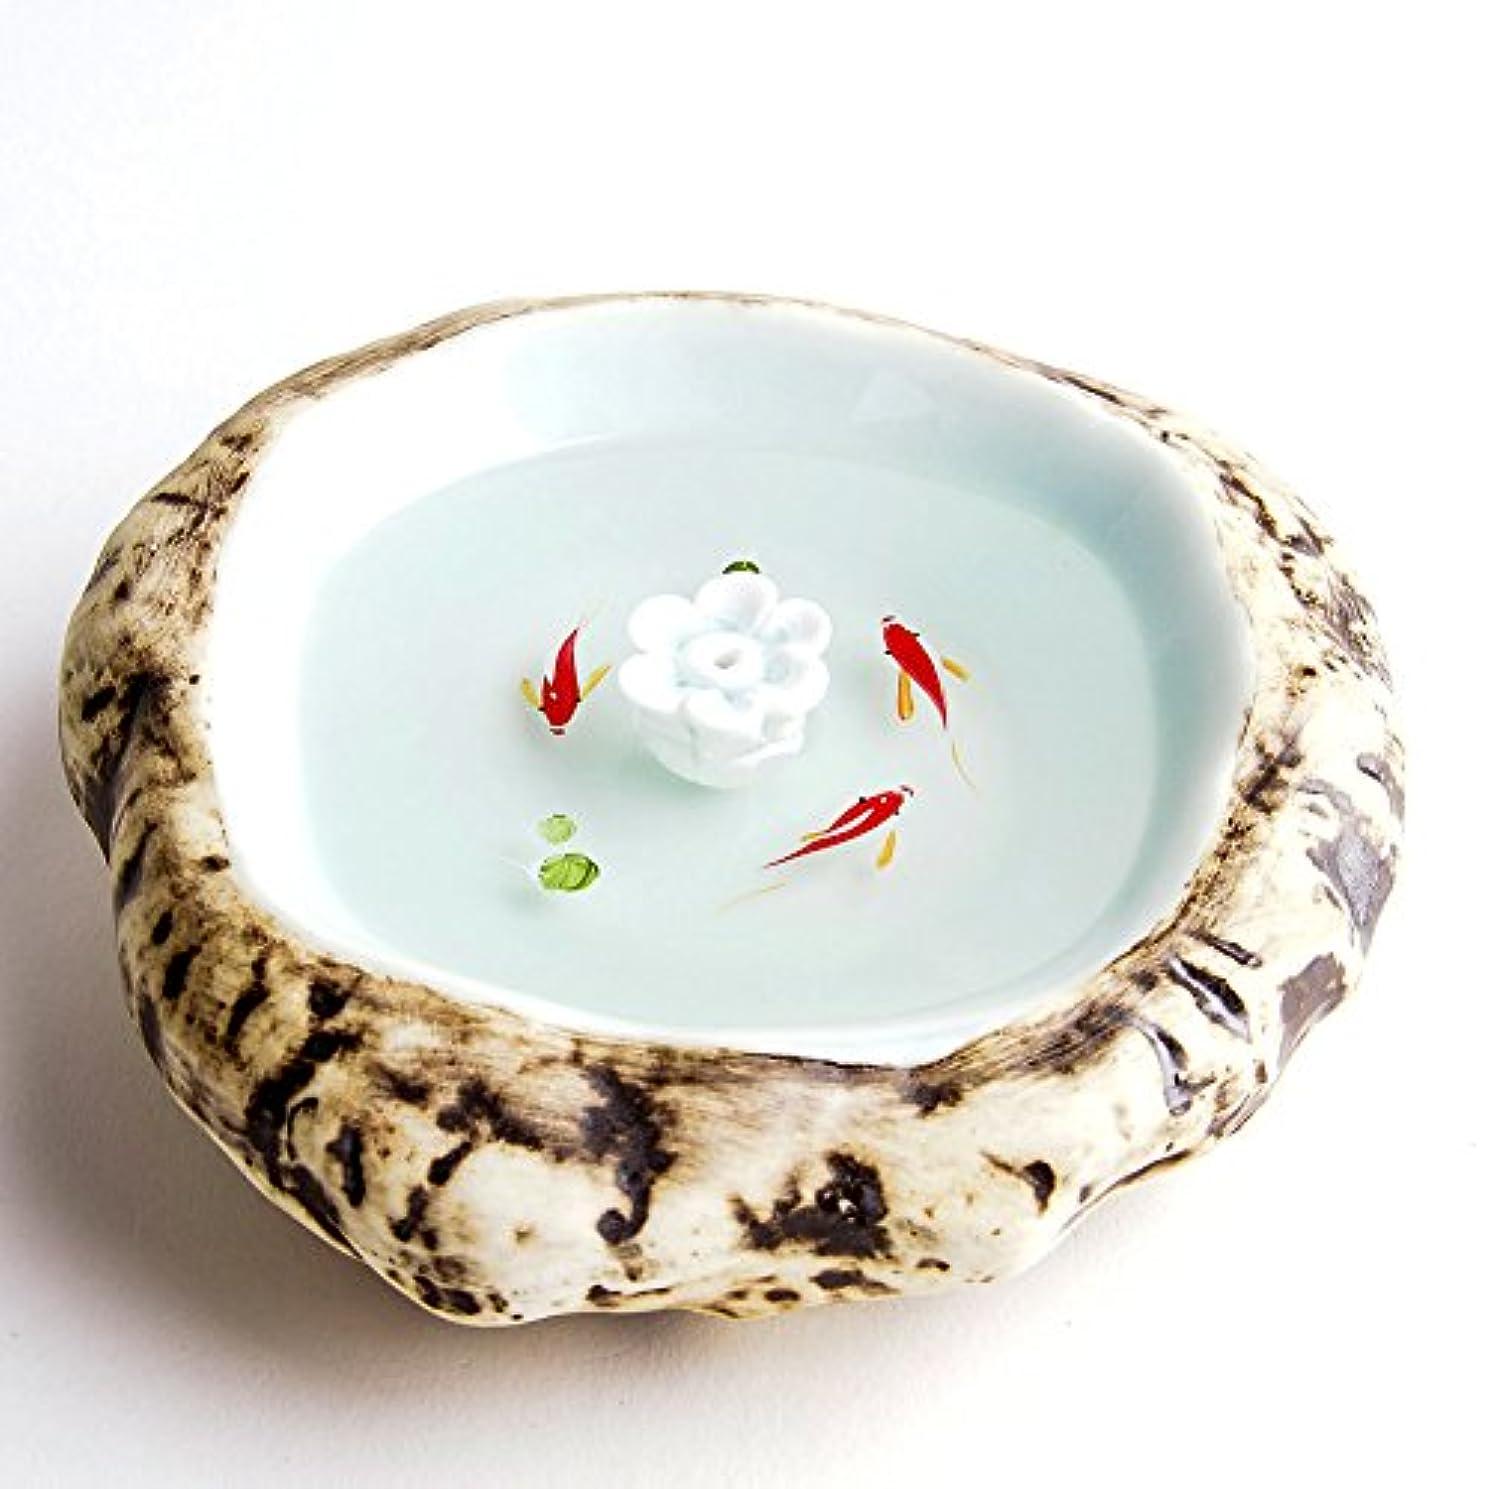 アナニバー剣テーブルお香立て お香たて 香の器 お香を焚いて 香皿,陶磁器、白